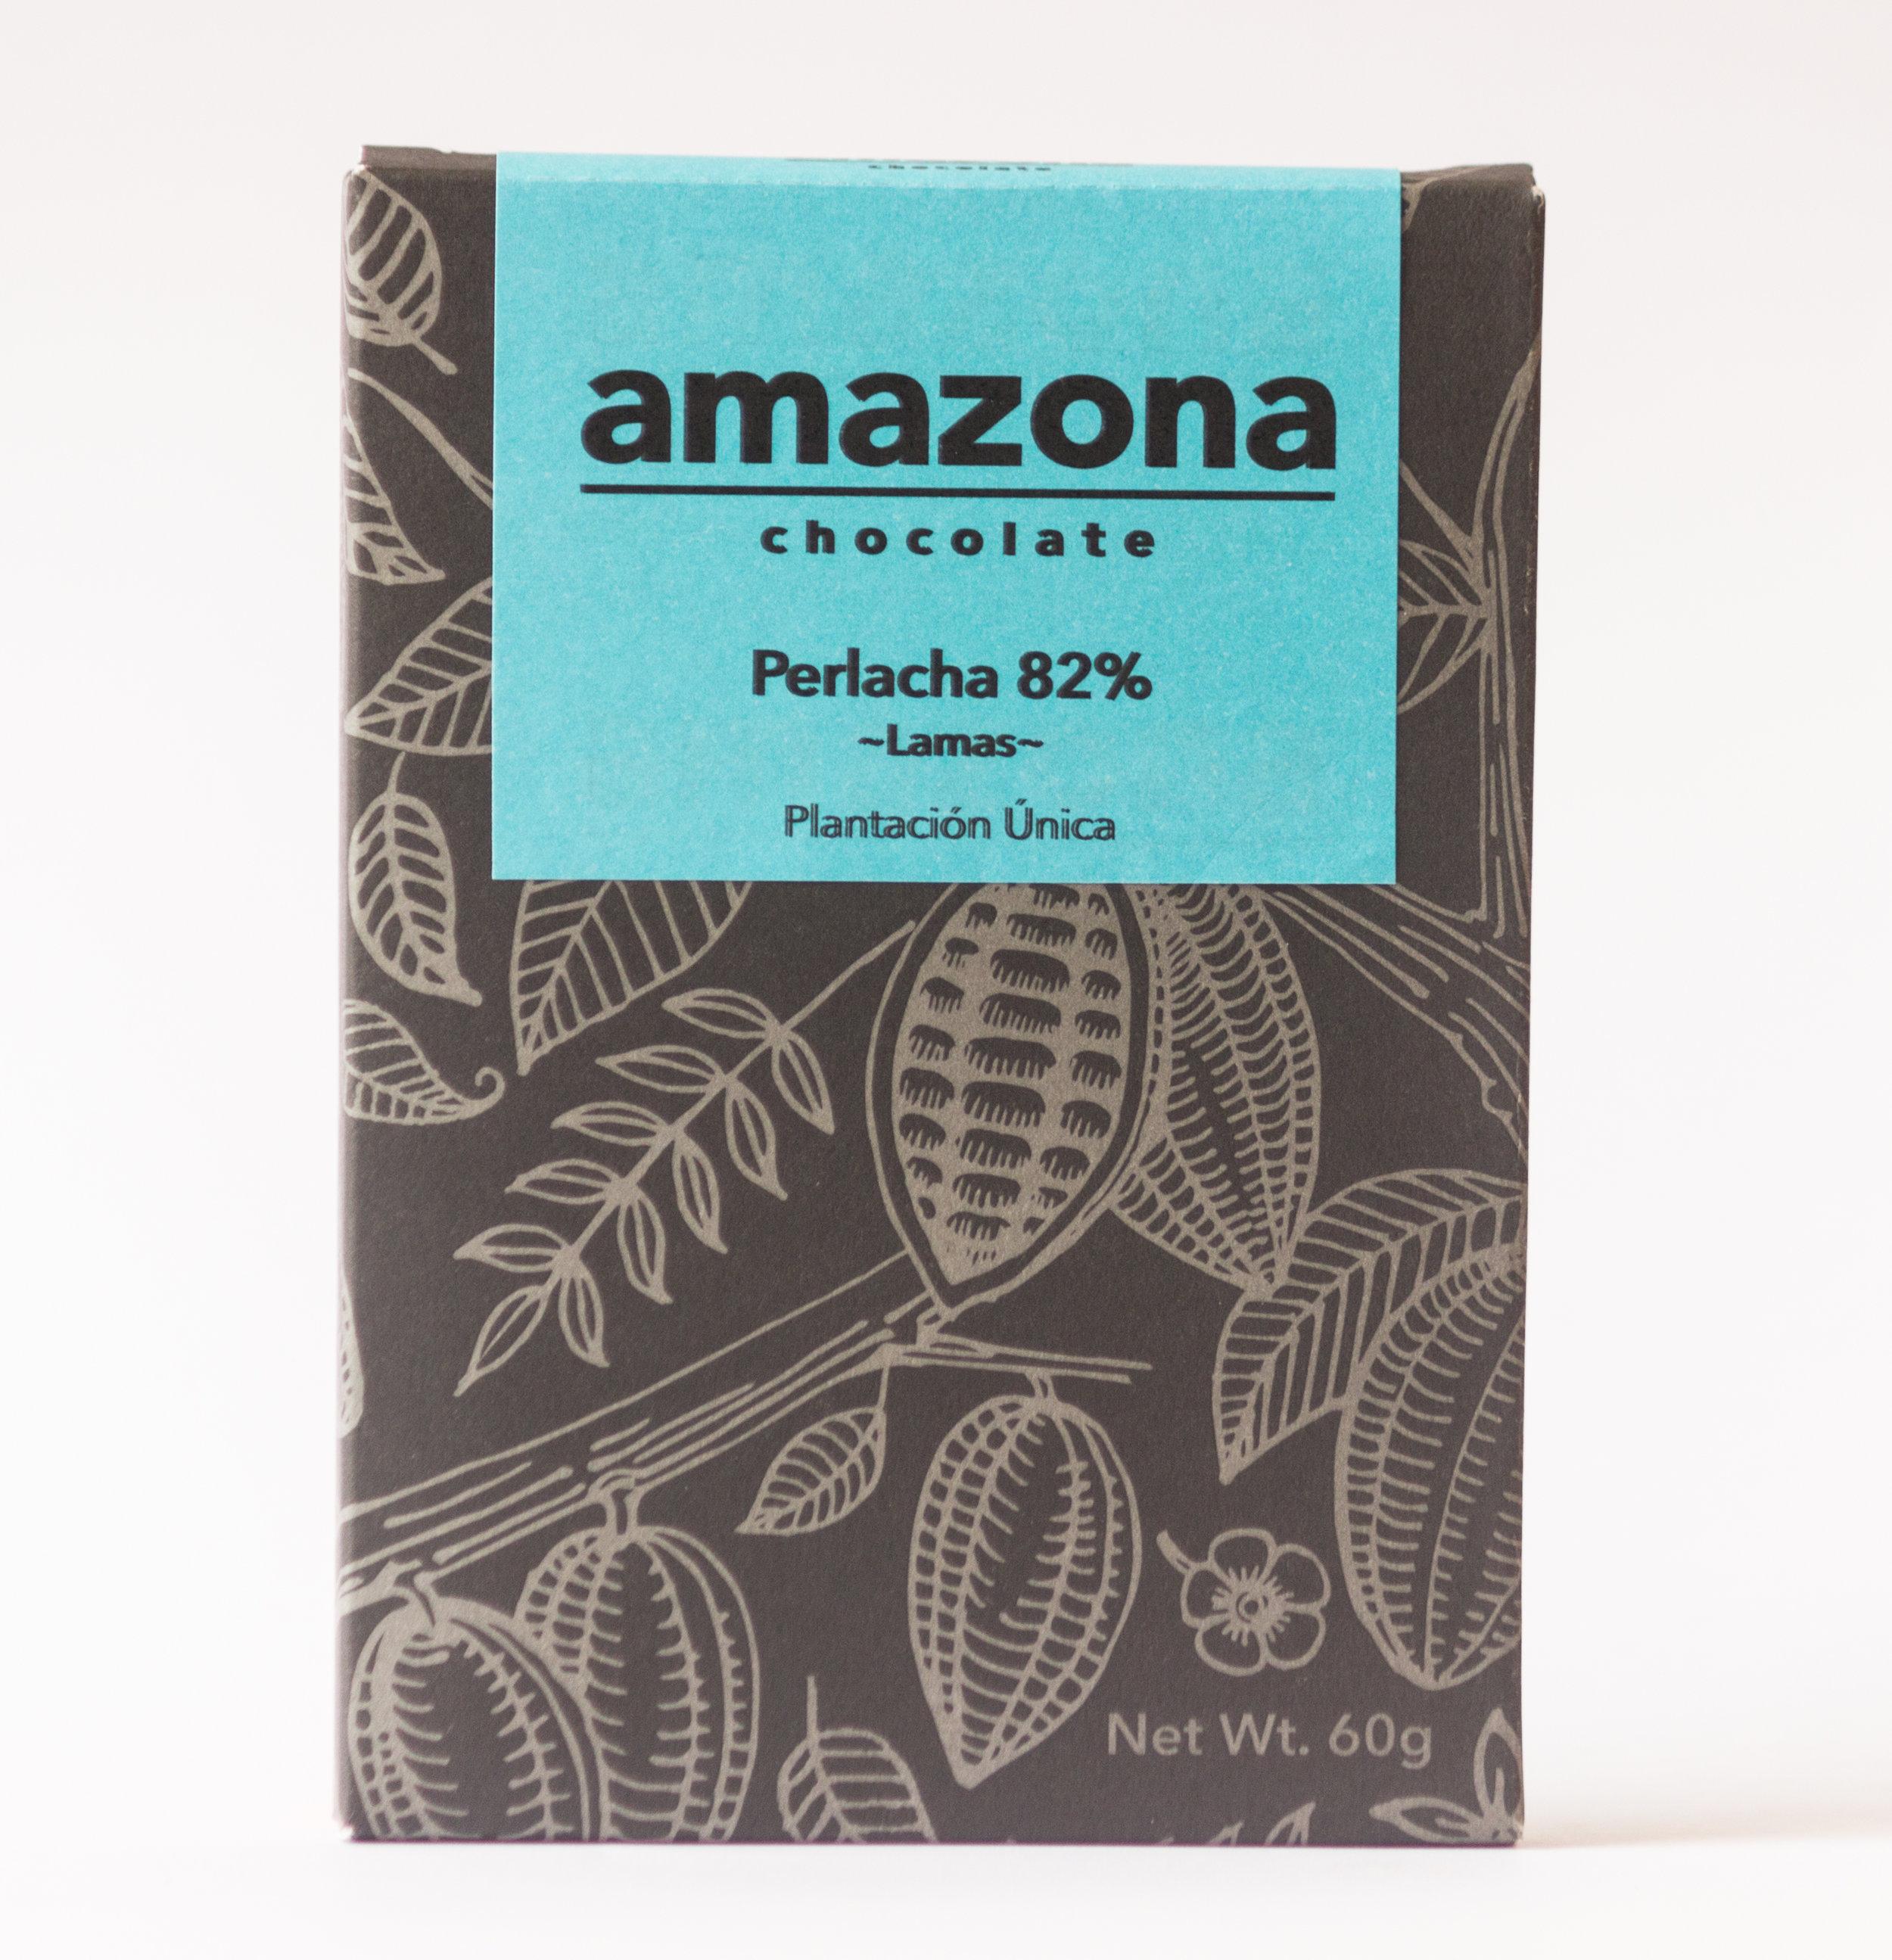 Amazona blanco celeste barra.jpg